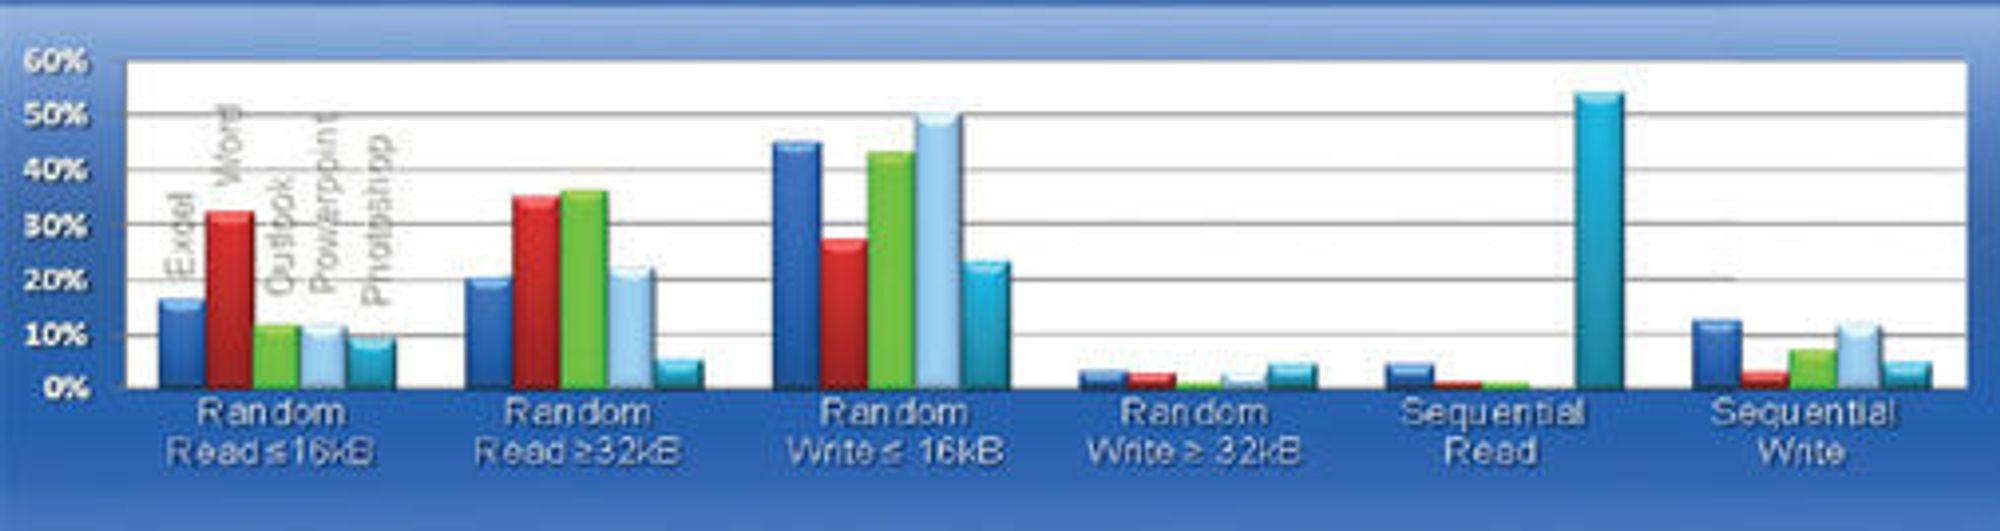 Modell laget av Sandisk som viser at et PC-system med Windows Vista, Office 2007 og Photoshop CS2 nesten bare har vilkårlig trafikk mellom systemet og lagringsenheten, og at mer enn 50 prosent av skriveoperasjonene dreide seg om data på mindre en 4 kilobytes.